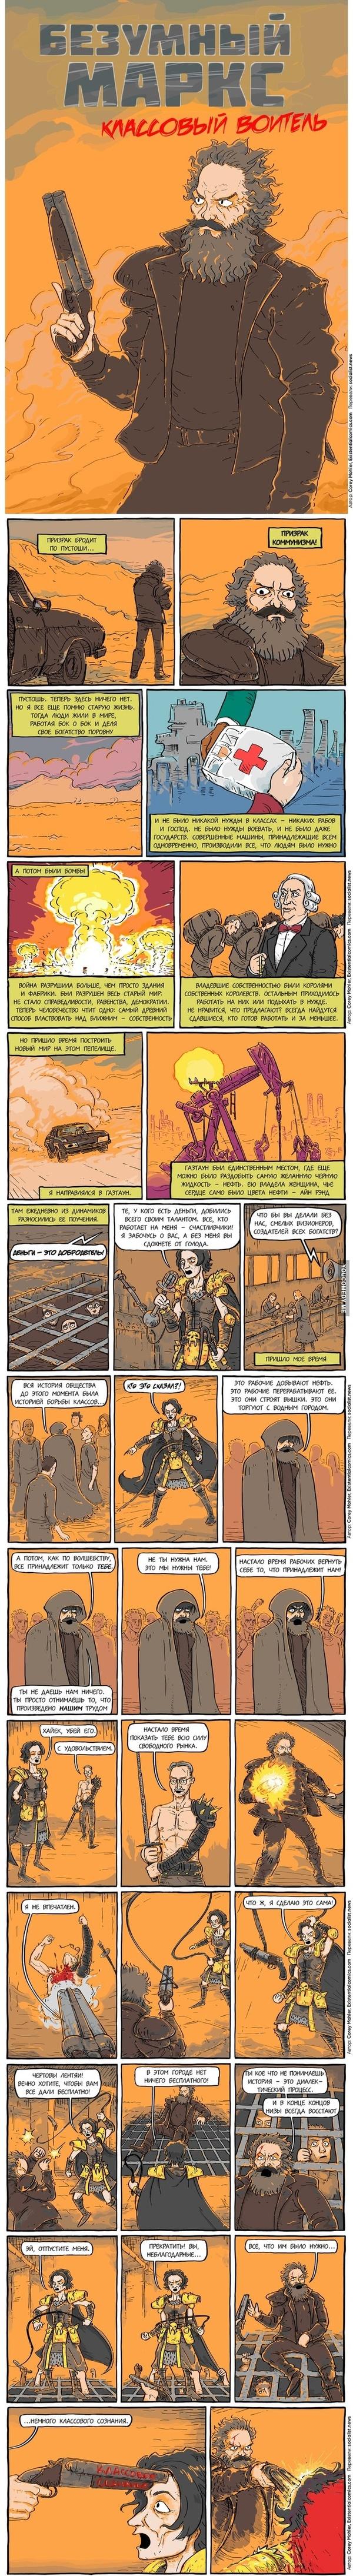 Философский комикс о противостоянии Маркса и Айн Рэнд. Маркс, Комиксы, Айн Рэнд, противостояние, апокалипсис, Карл Маркс, длиннопост